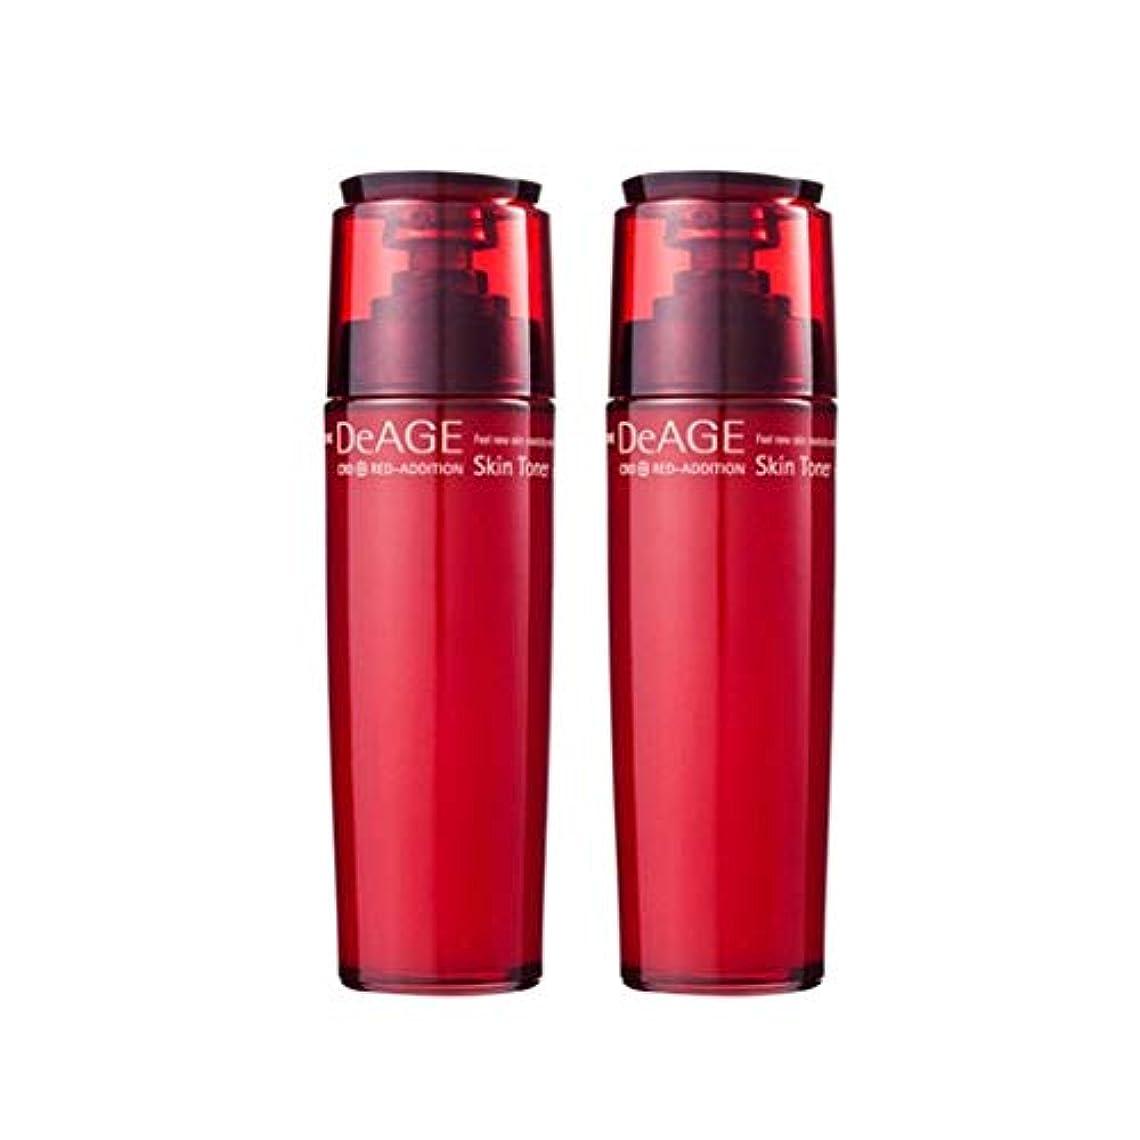 組み合わせ騙す十分にチャムジョンディエイジレッドエディションスキントナー130ml x 2、Charmzone DeAGE Red-Addition Skin Toner 130ml x 2 [並行輸入品]